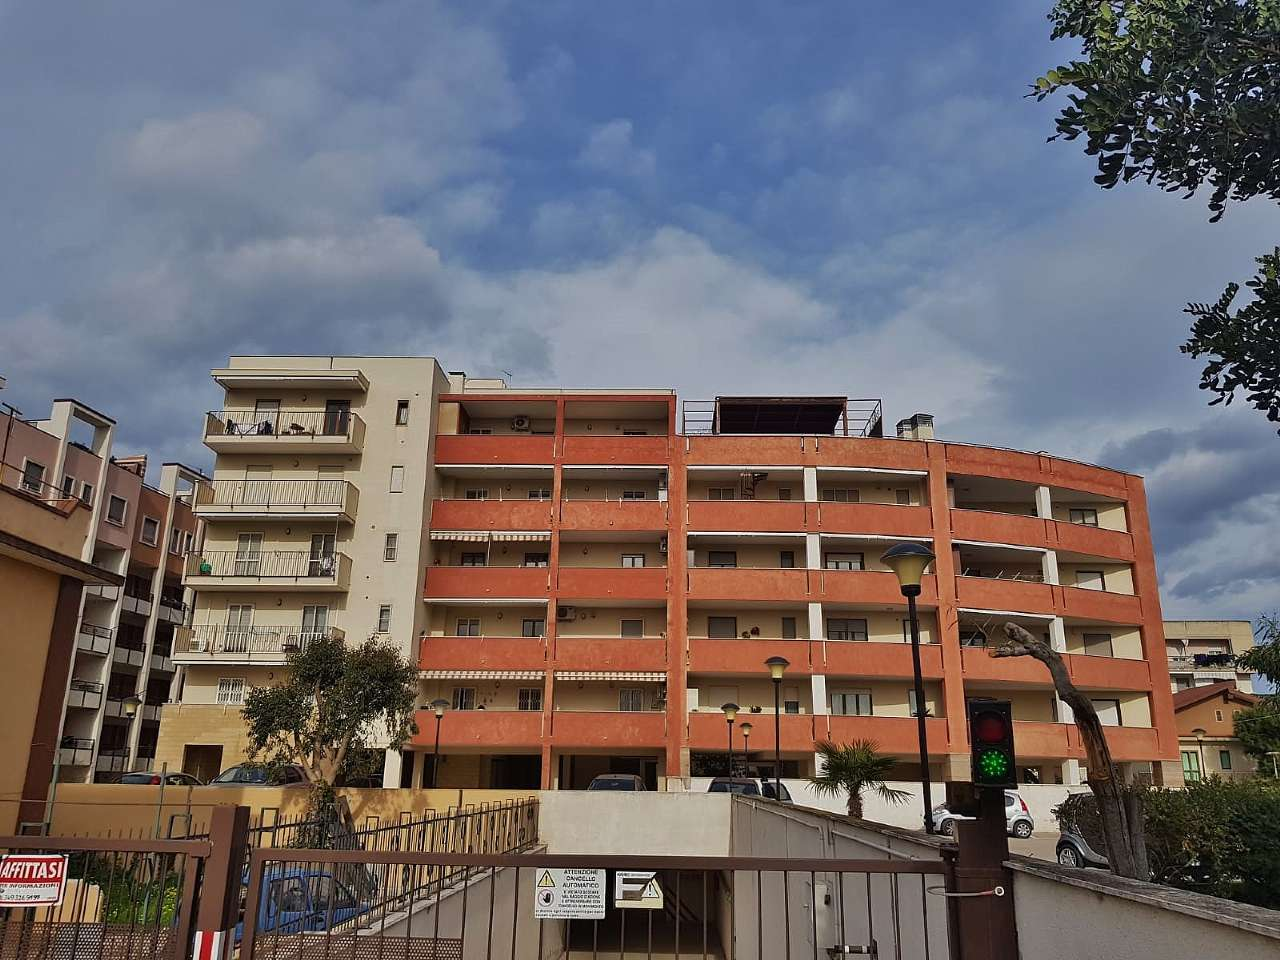 Appartamento in vendita a Bisceglie, 3 locali, prezzo € 180.000 | CambioCasa.it